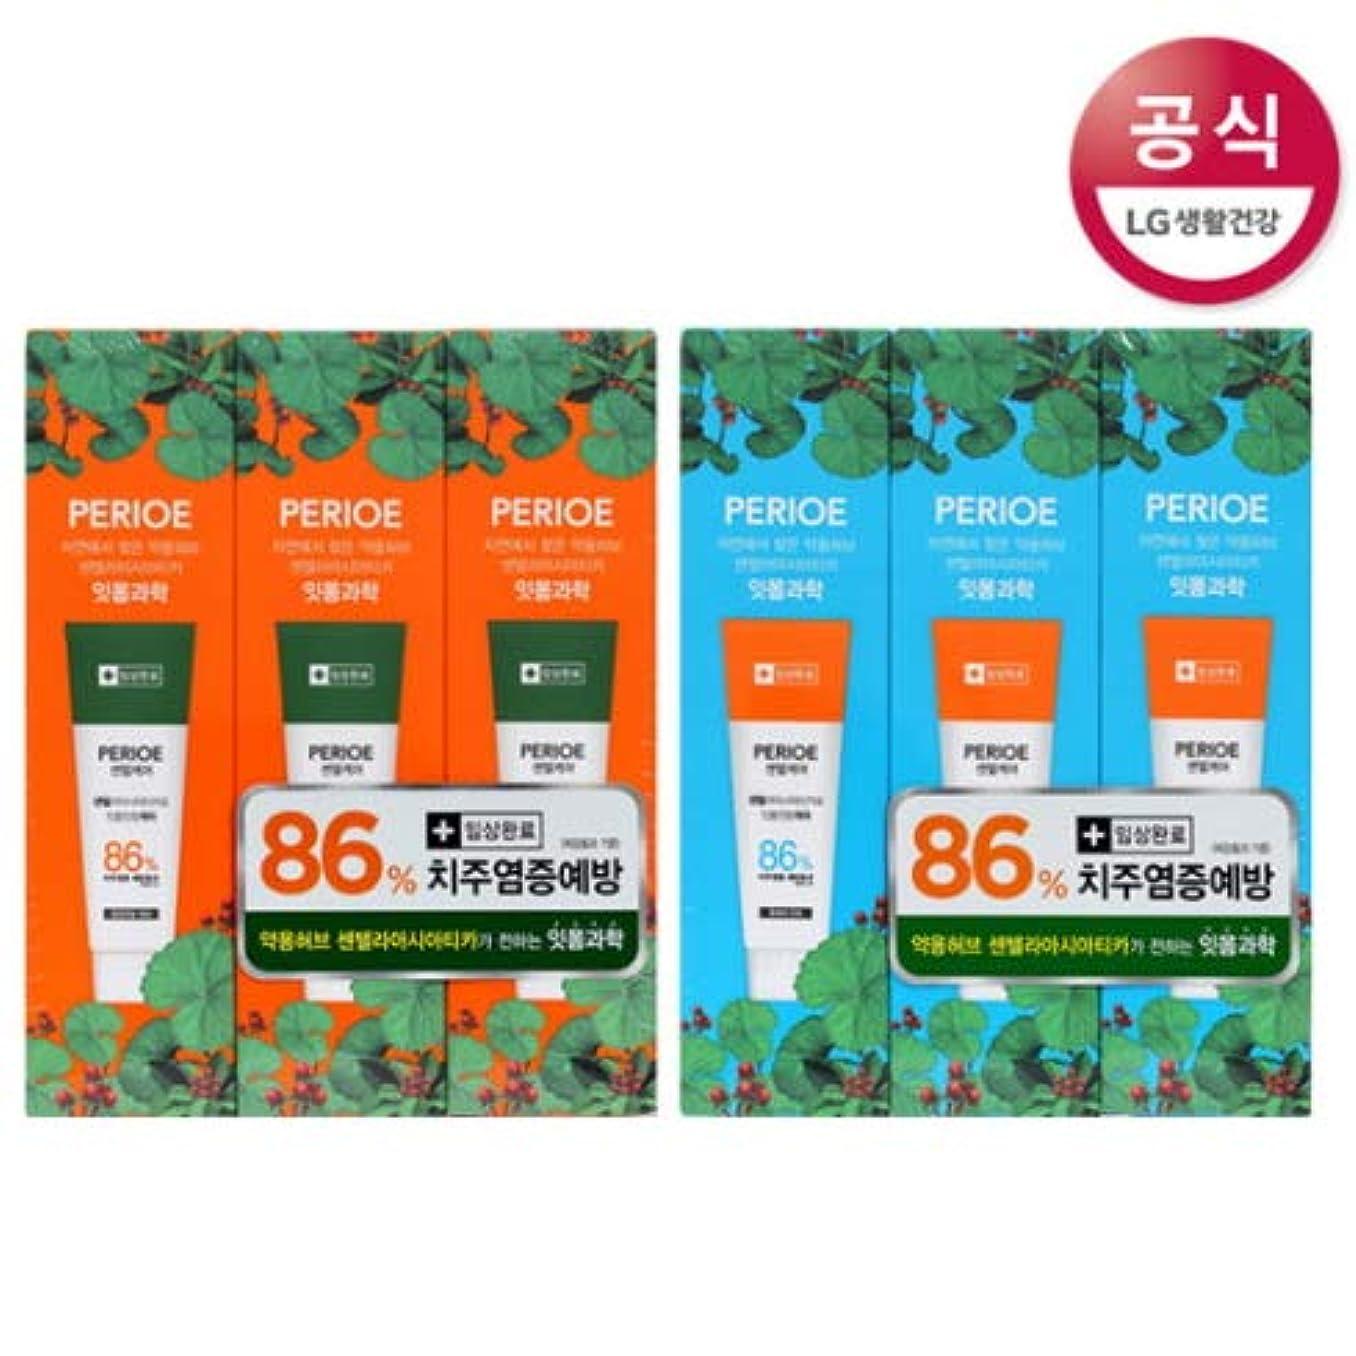 酒購入ペッカディロ[LG HnB] Perio centel care toothpaste/ペリオセンテルケア歯磨き粉 100gx6個(海外直送品)